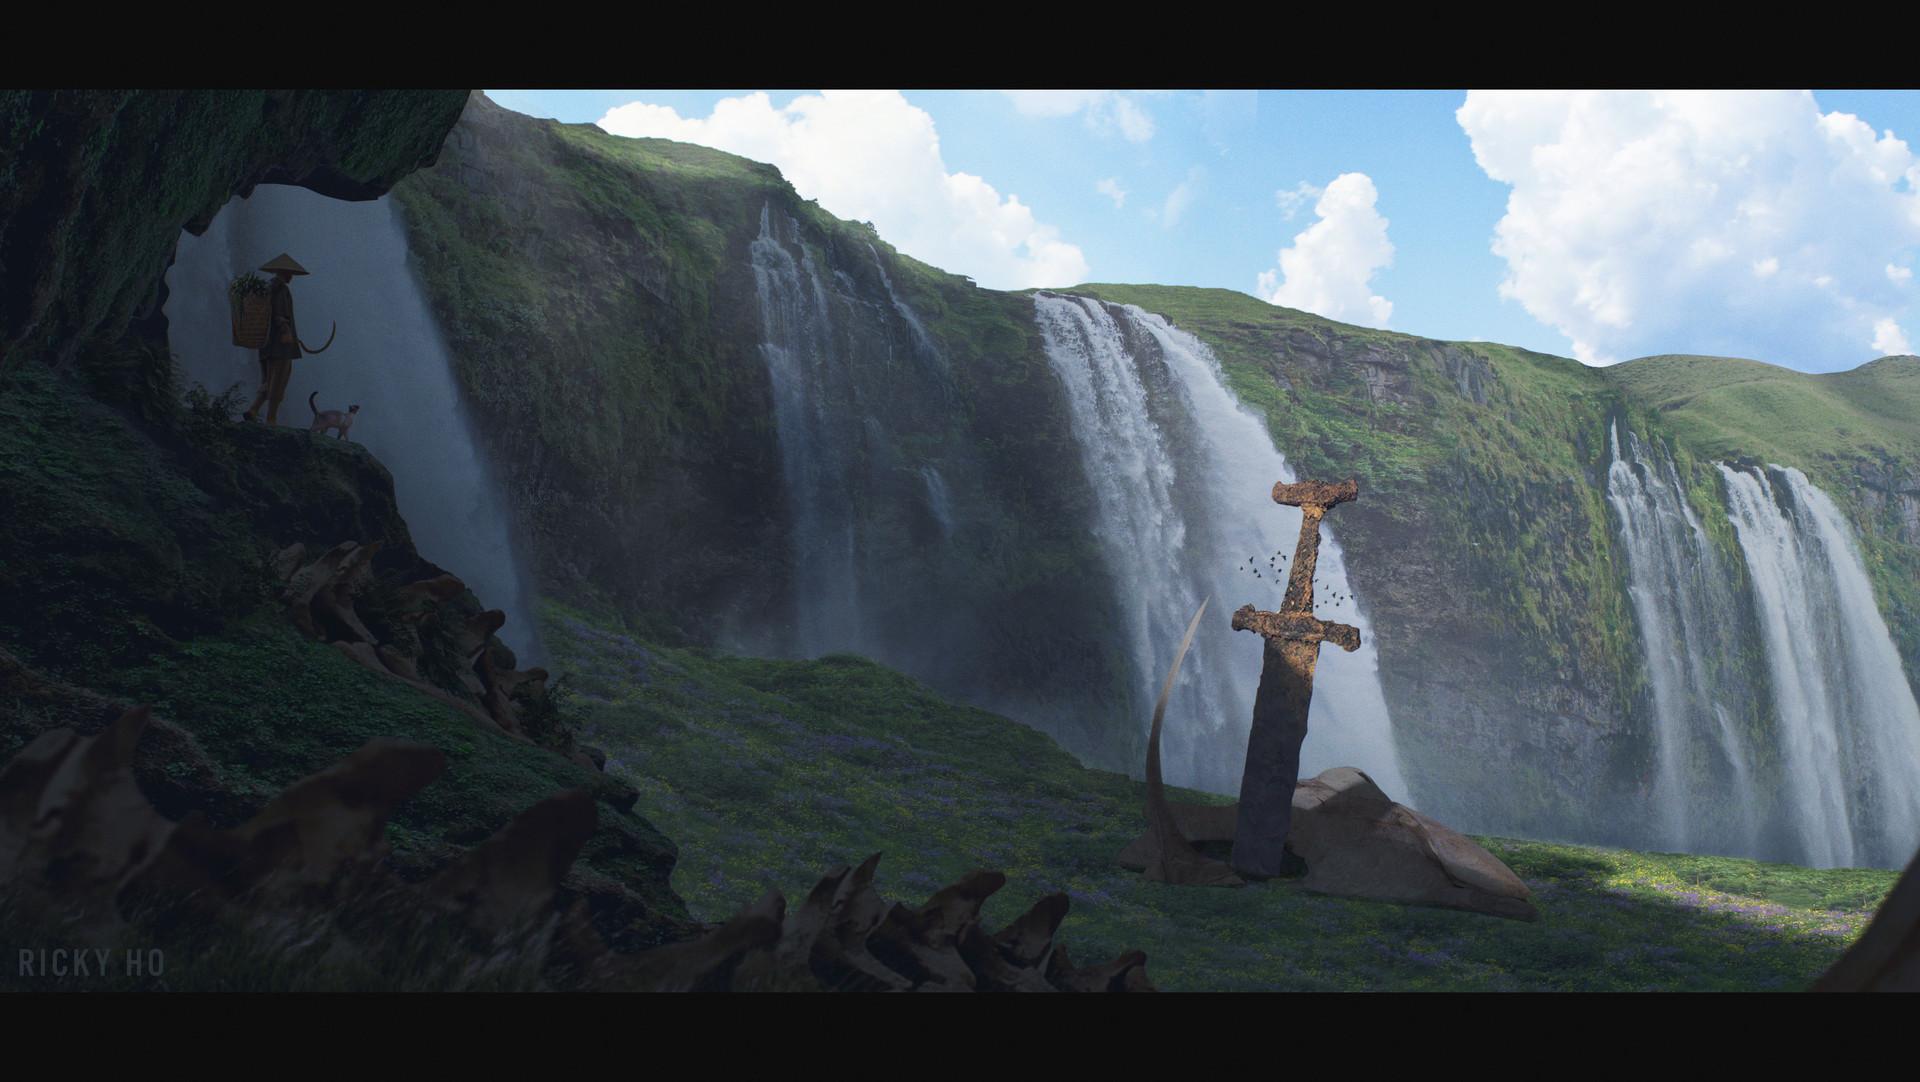 Ricky ho waterfall